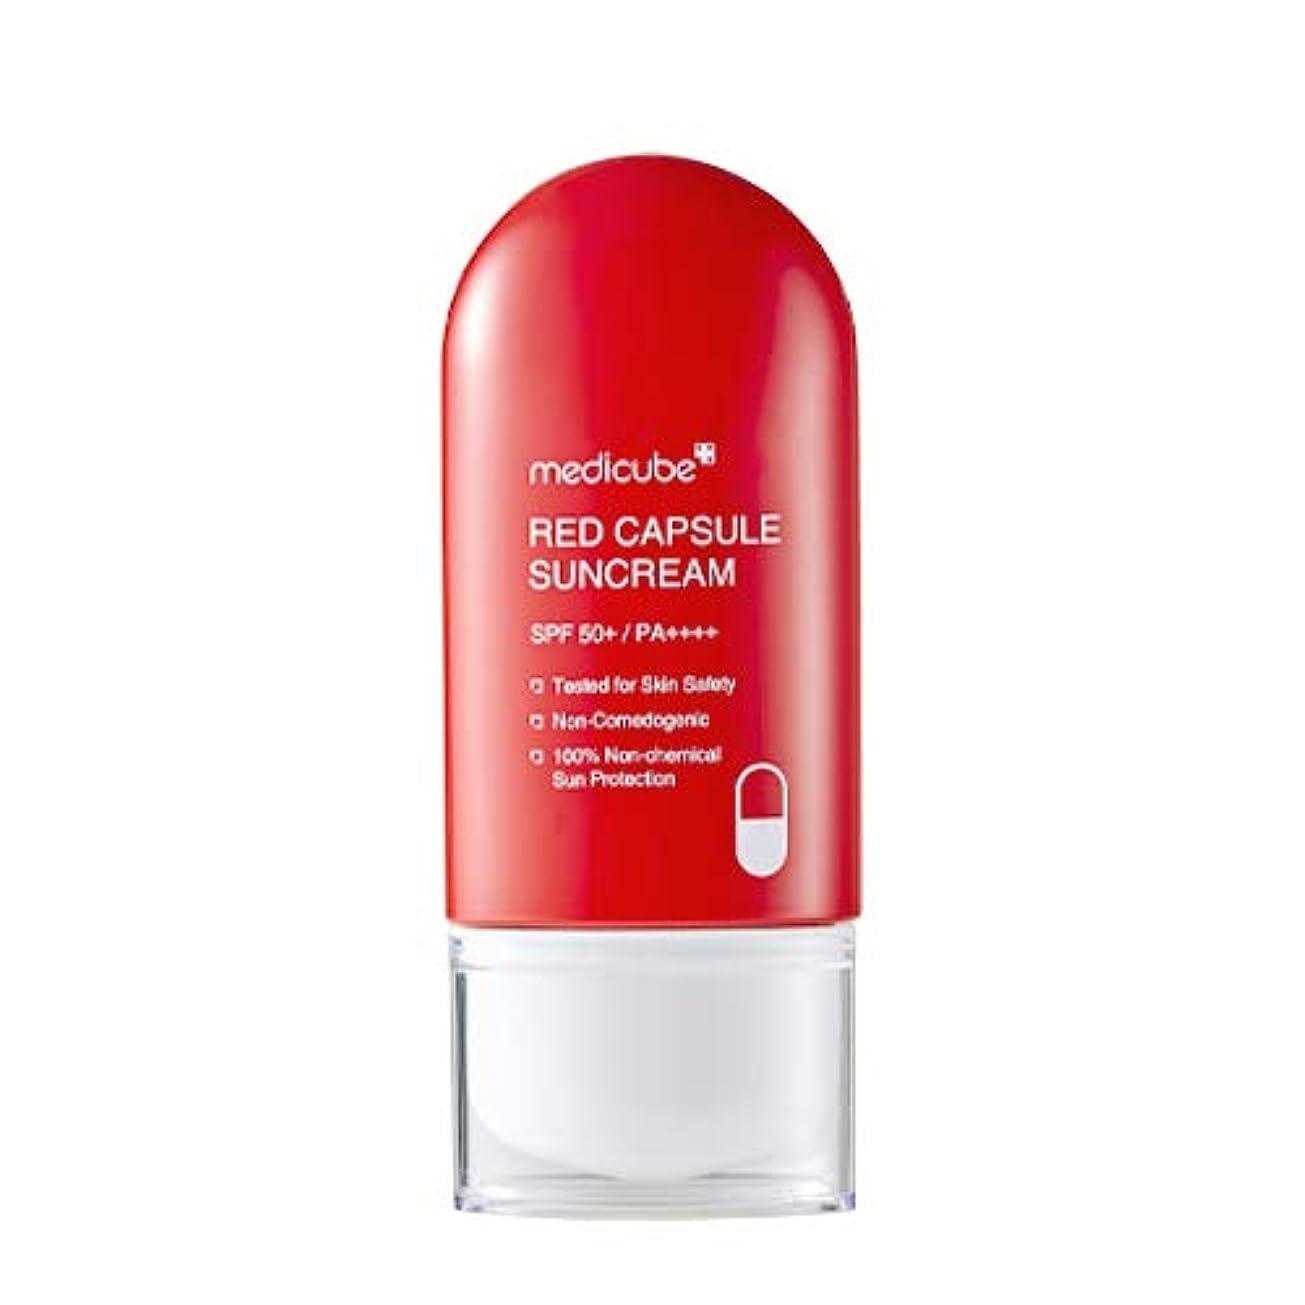 境界繊維大宇宙メディキューブ日本公式(medicube) レッドカプセルサンクリーム MEDICUBE RED CAPSULE SUNCREAM 30g